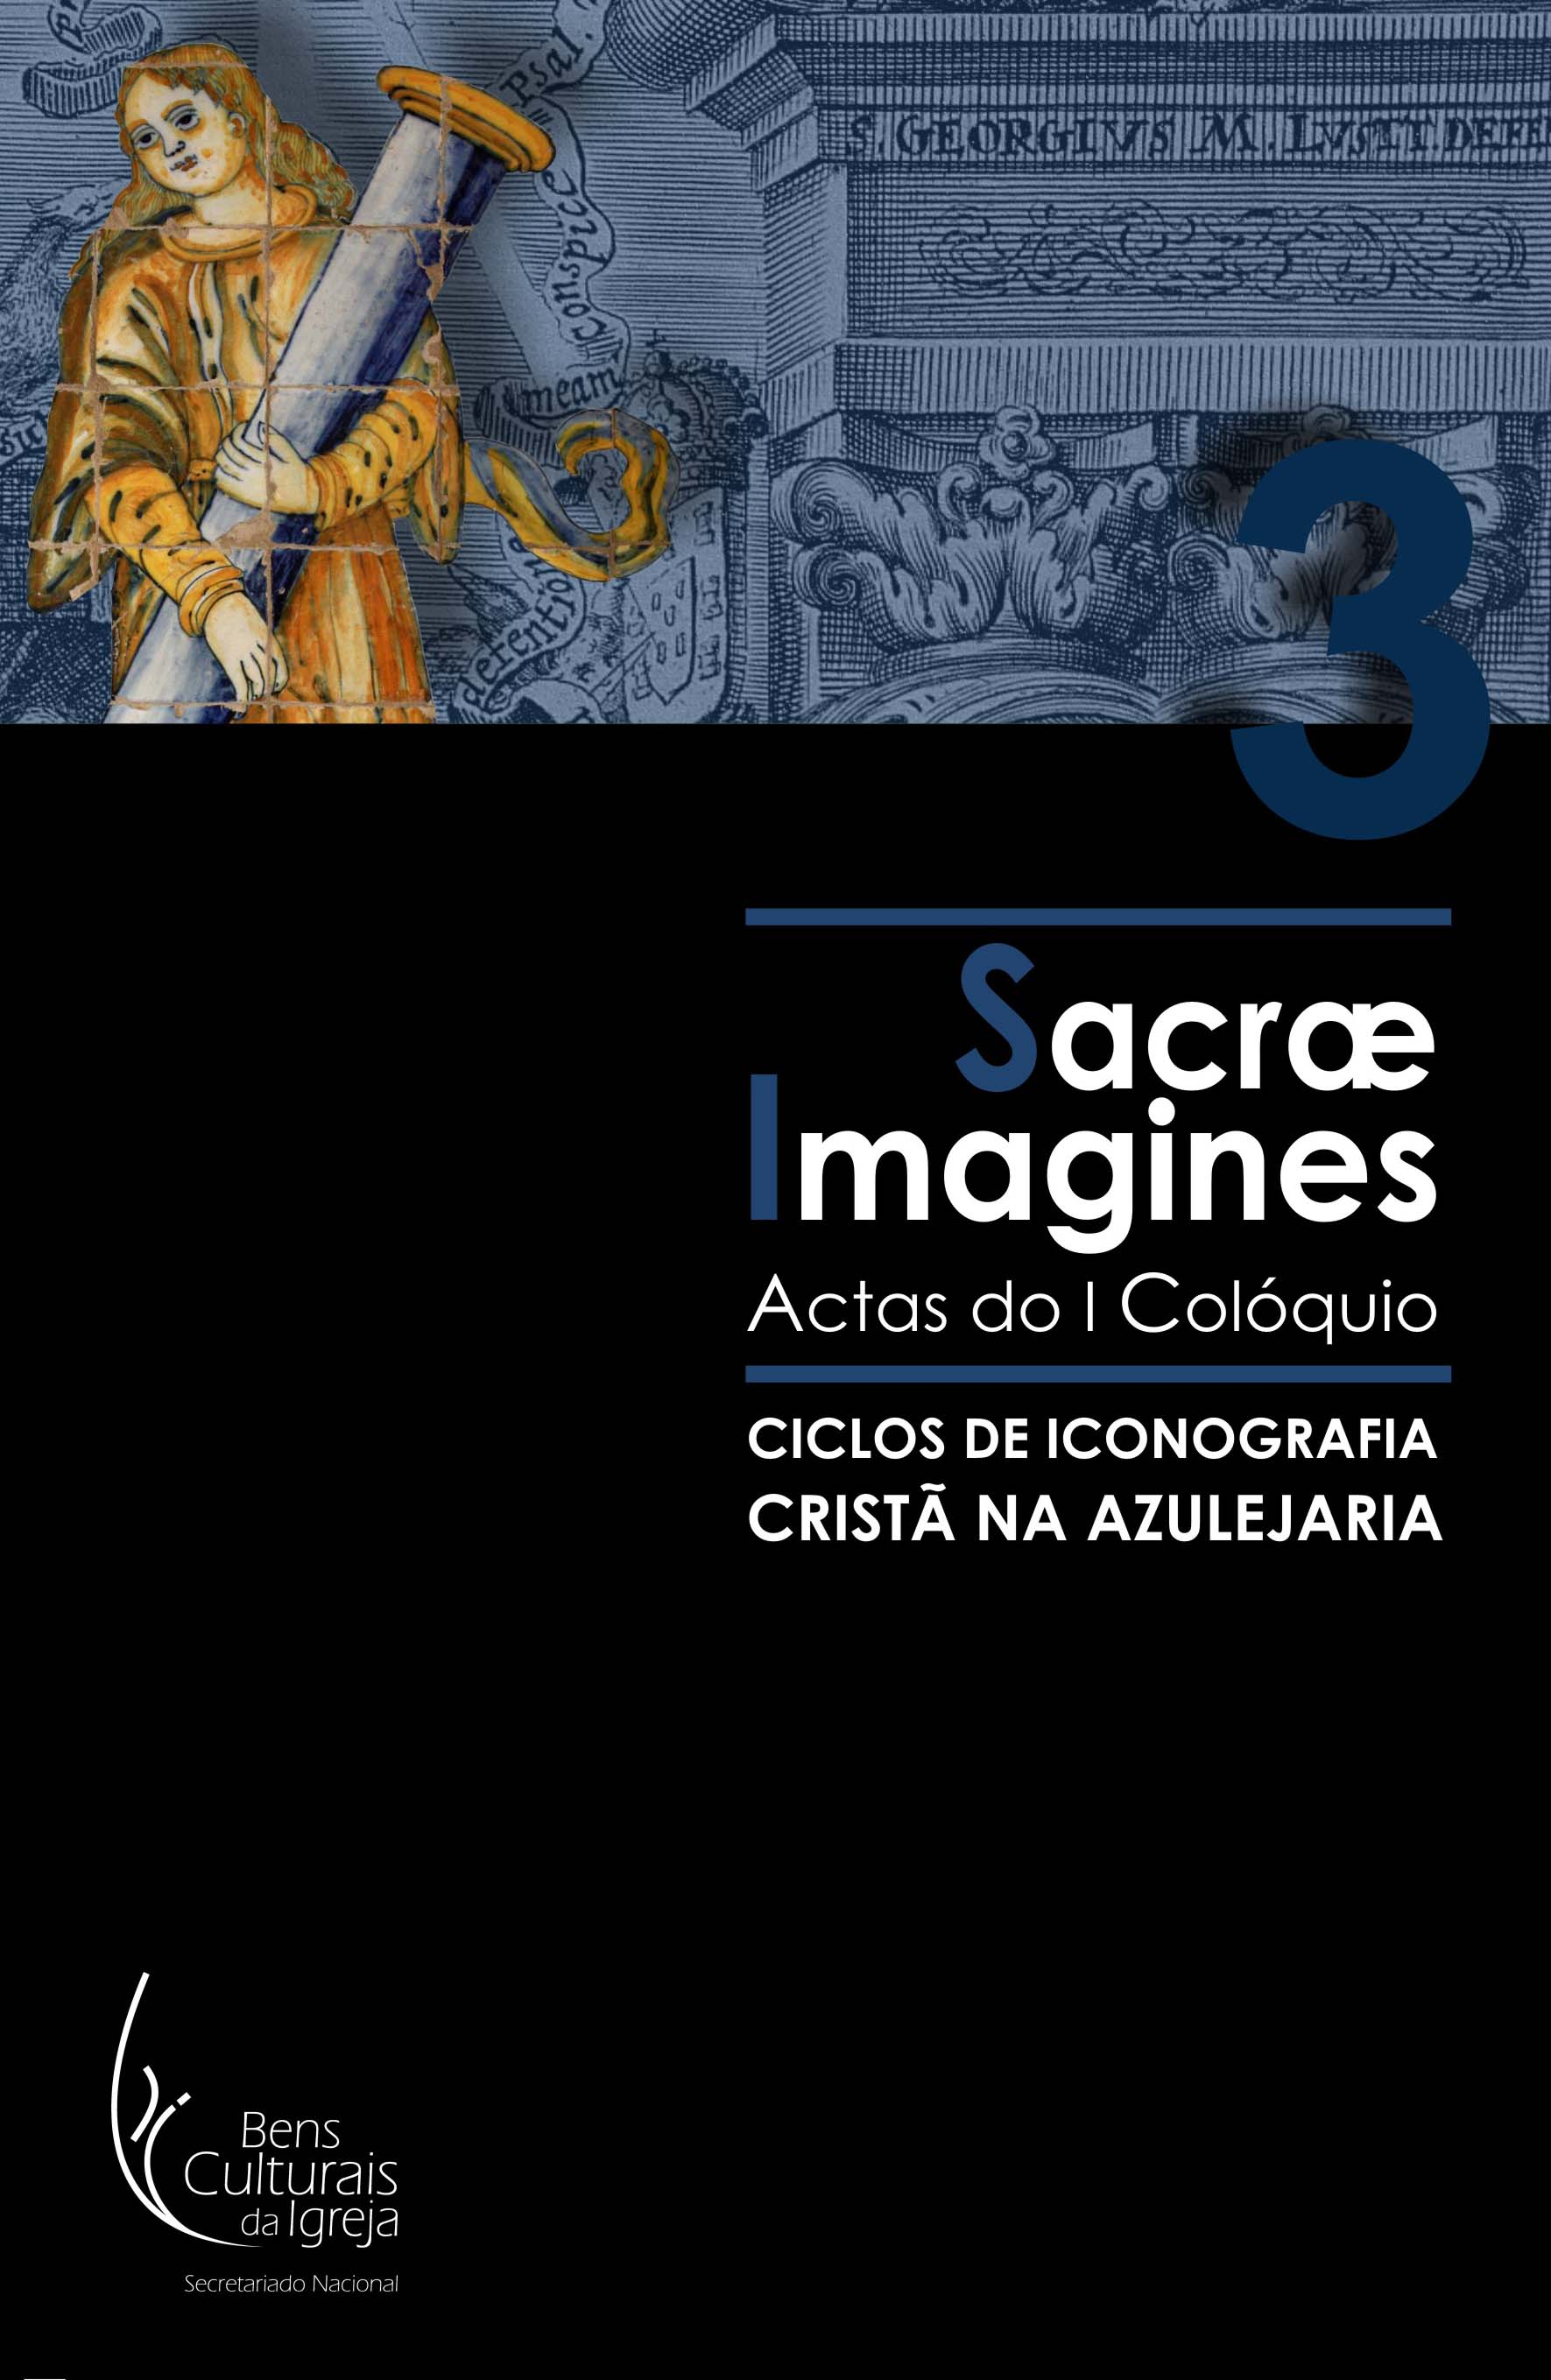 capa actas sacraeimagines1